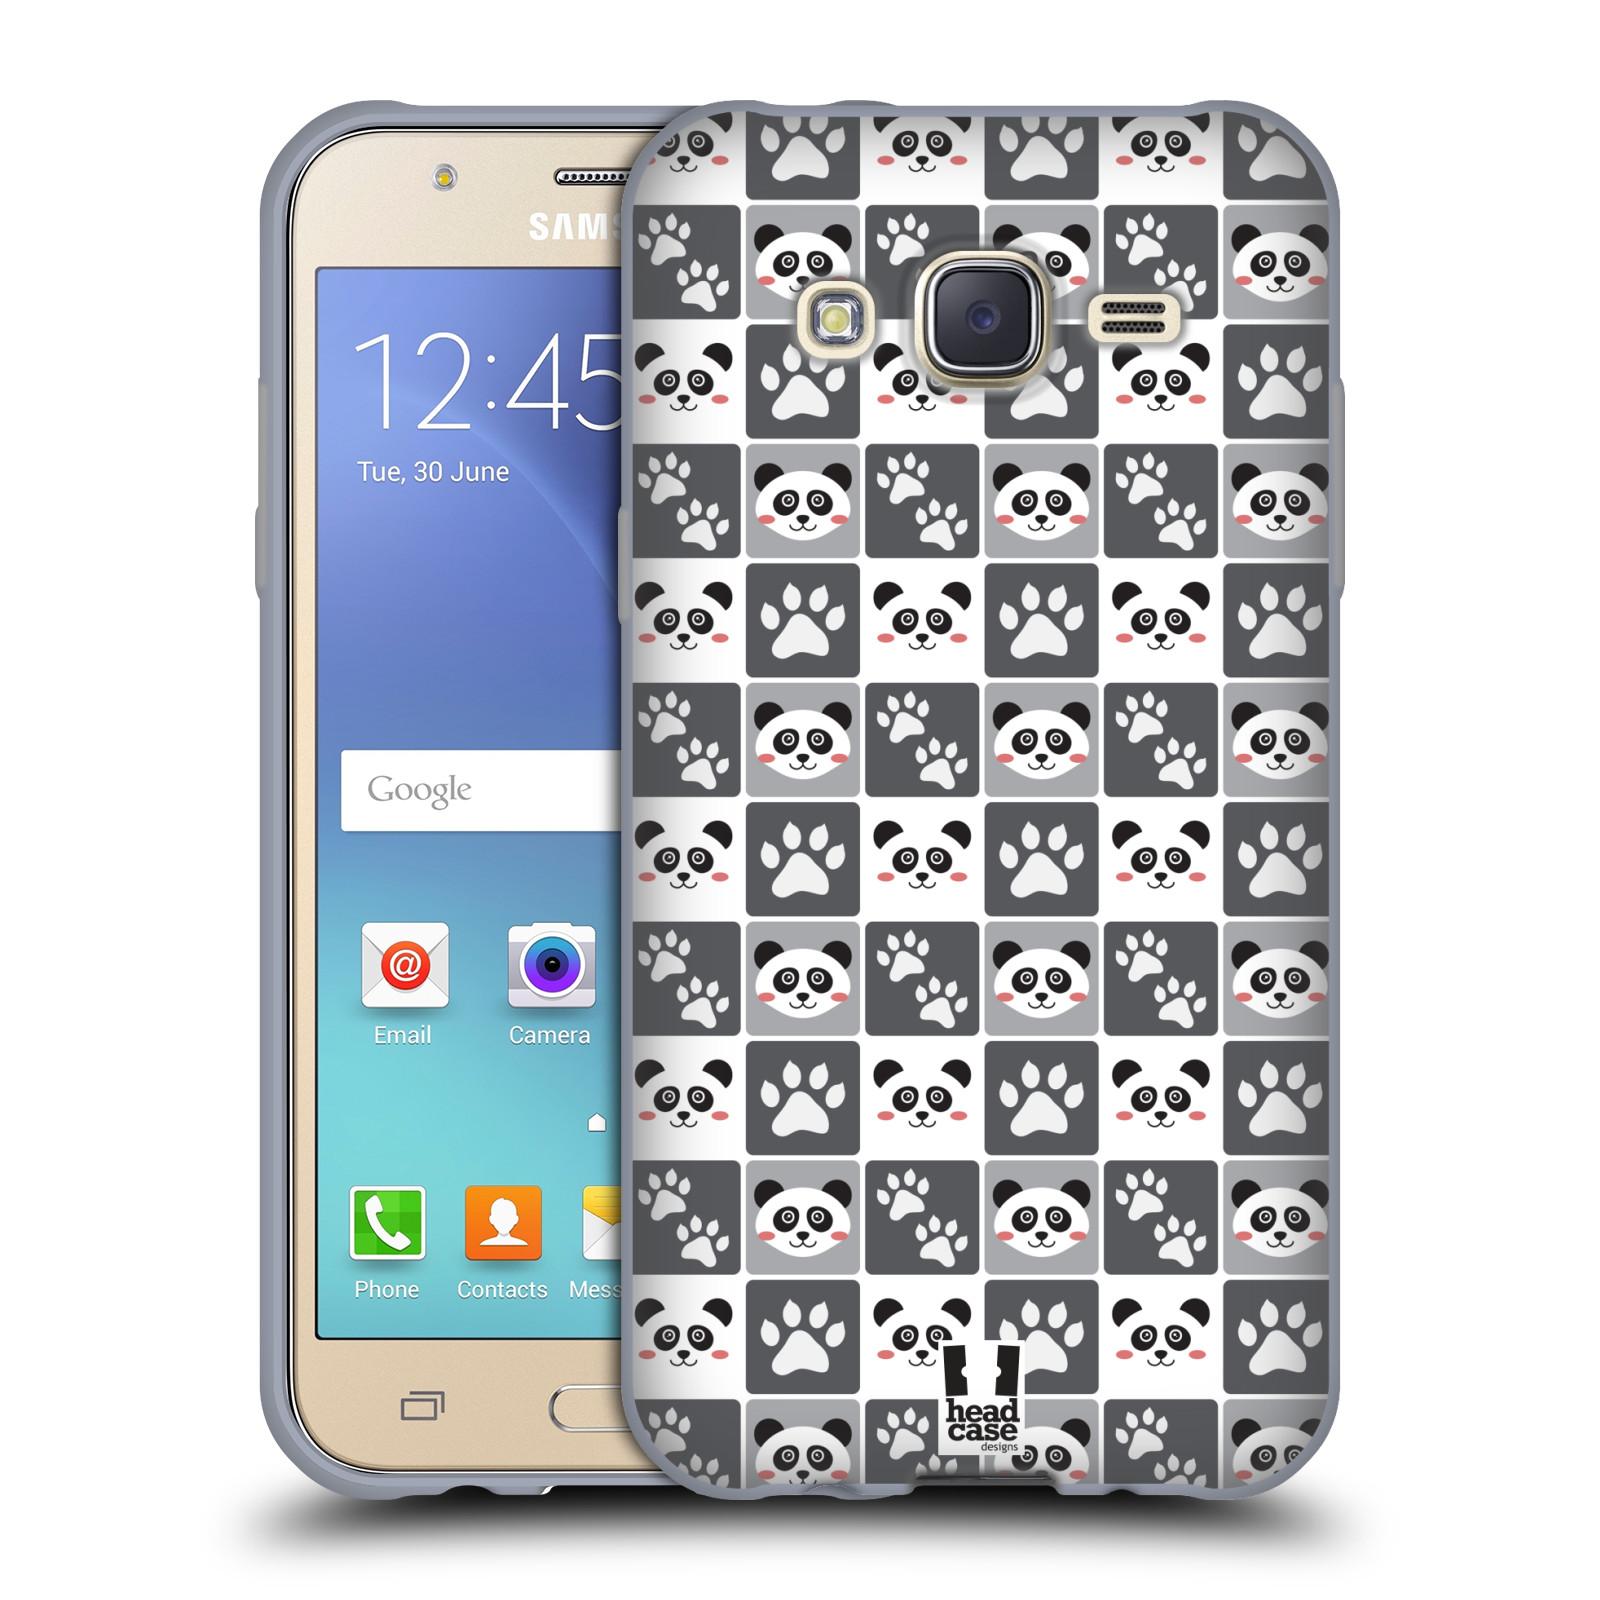 HEAD CASE silikonový obal na mobil Samsung Galaxy J5, J500, (J5 DUOS) vzor Zvířecí razítka MEDVÍDEK PANDA